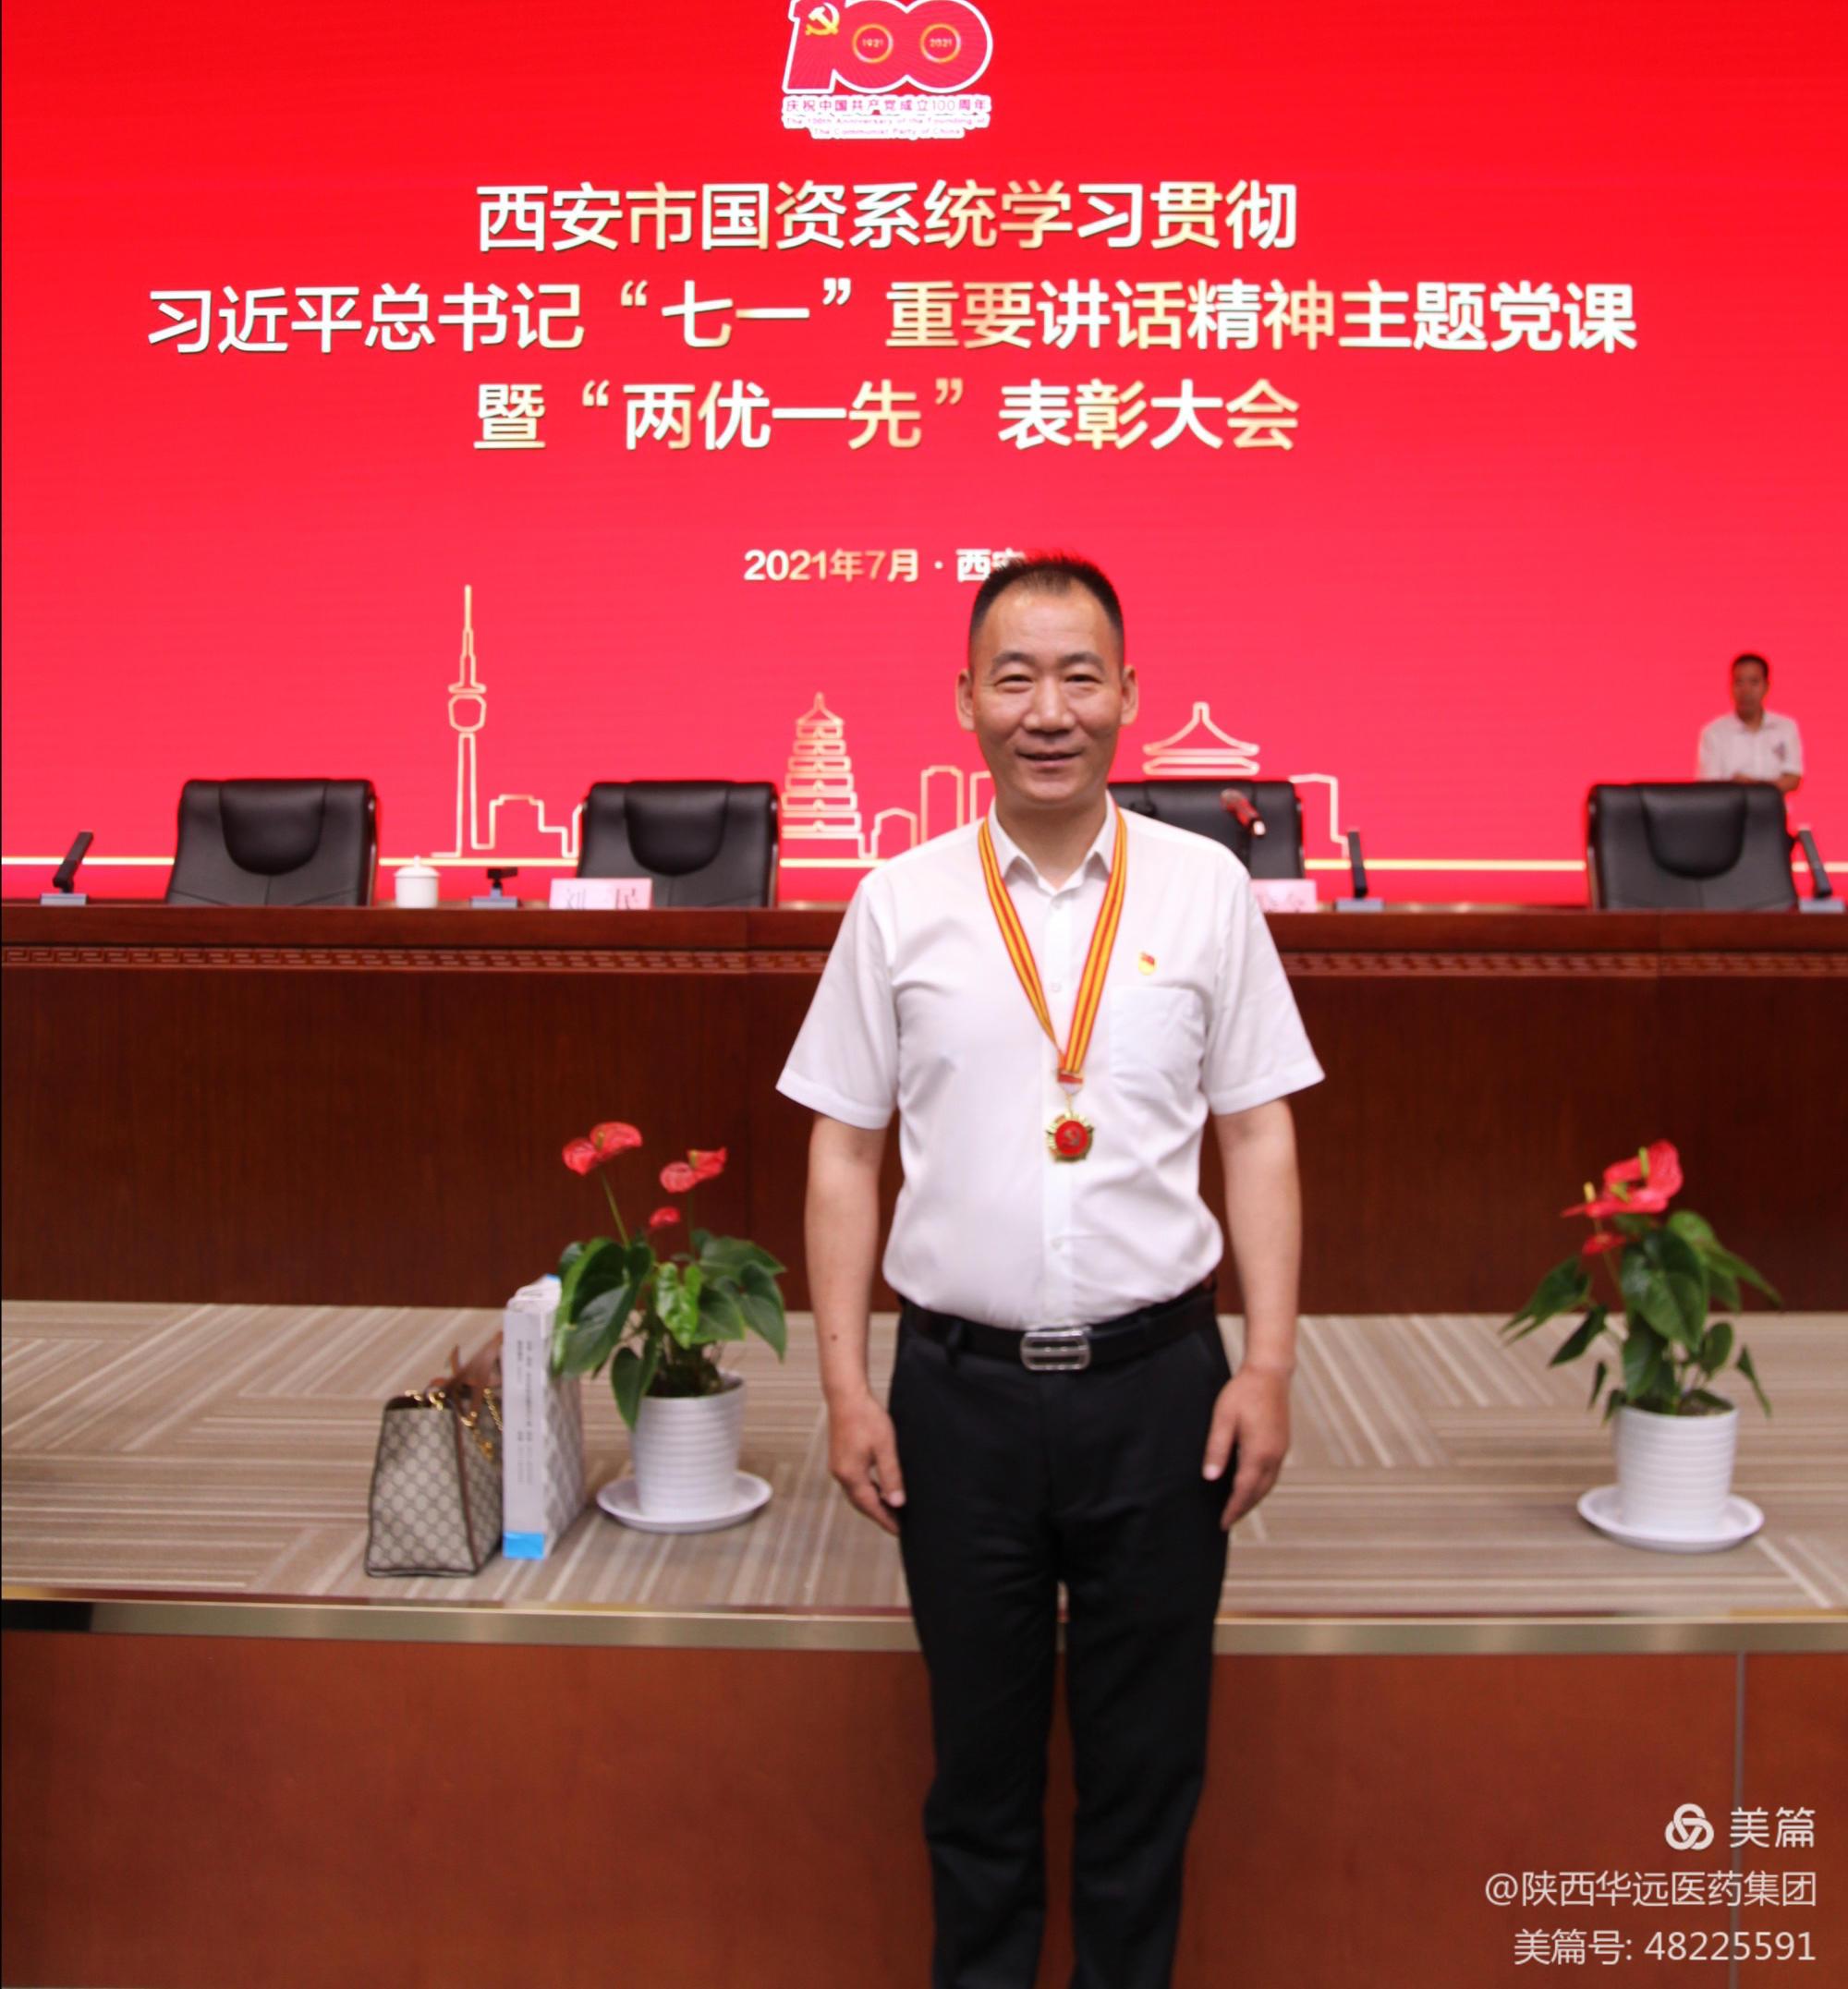 热烈祝贺集团公司兰钧同志、袁乃元同志荣获西安市国资委系统优秀共产党员荣誉称号